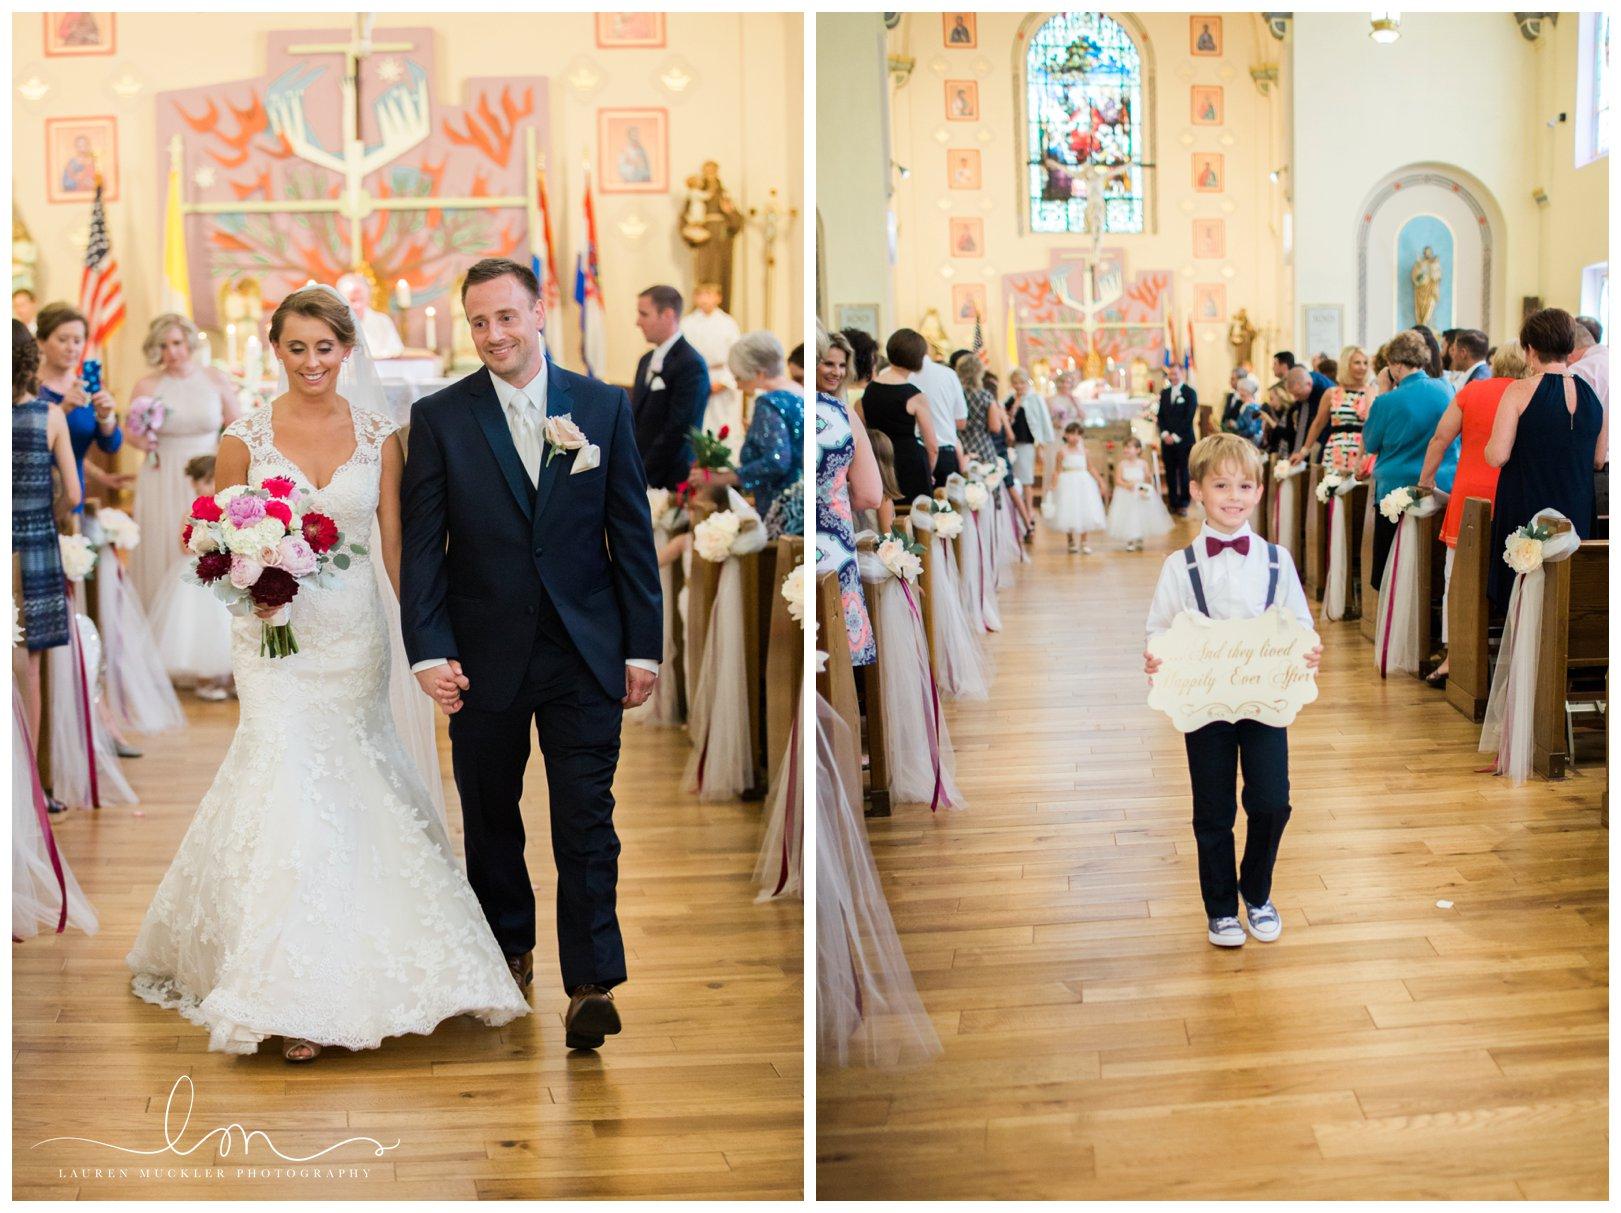 lauren muckler photography_fine art film wedding photography_st louis_photography_0489.jpg